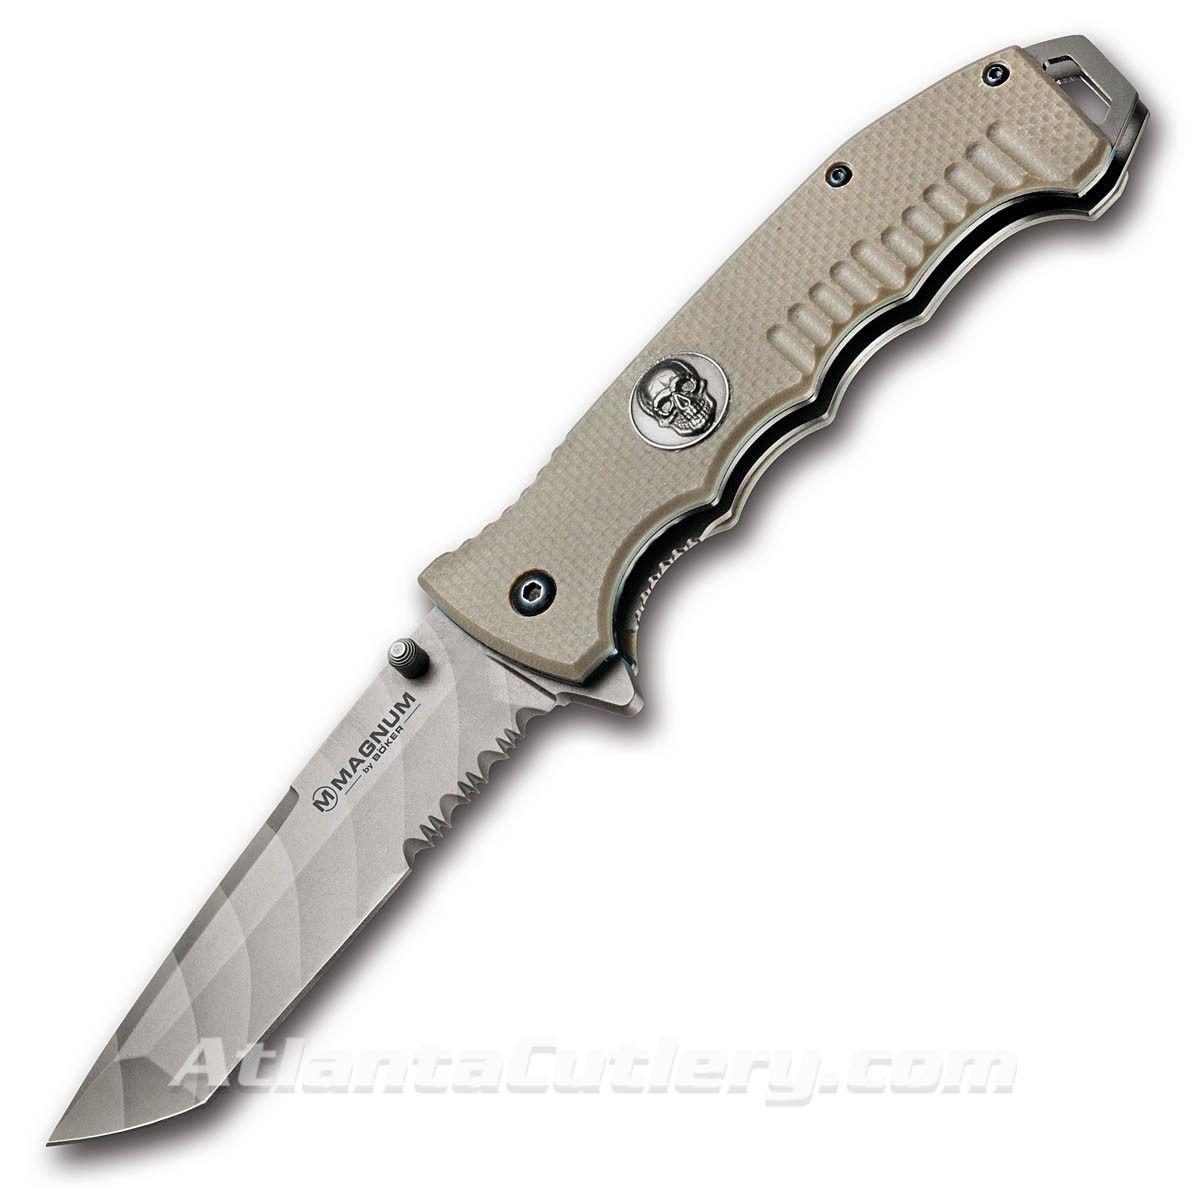 Boker Magnum Shades of Gray Liner Lock Knife